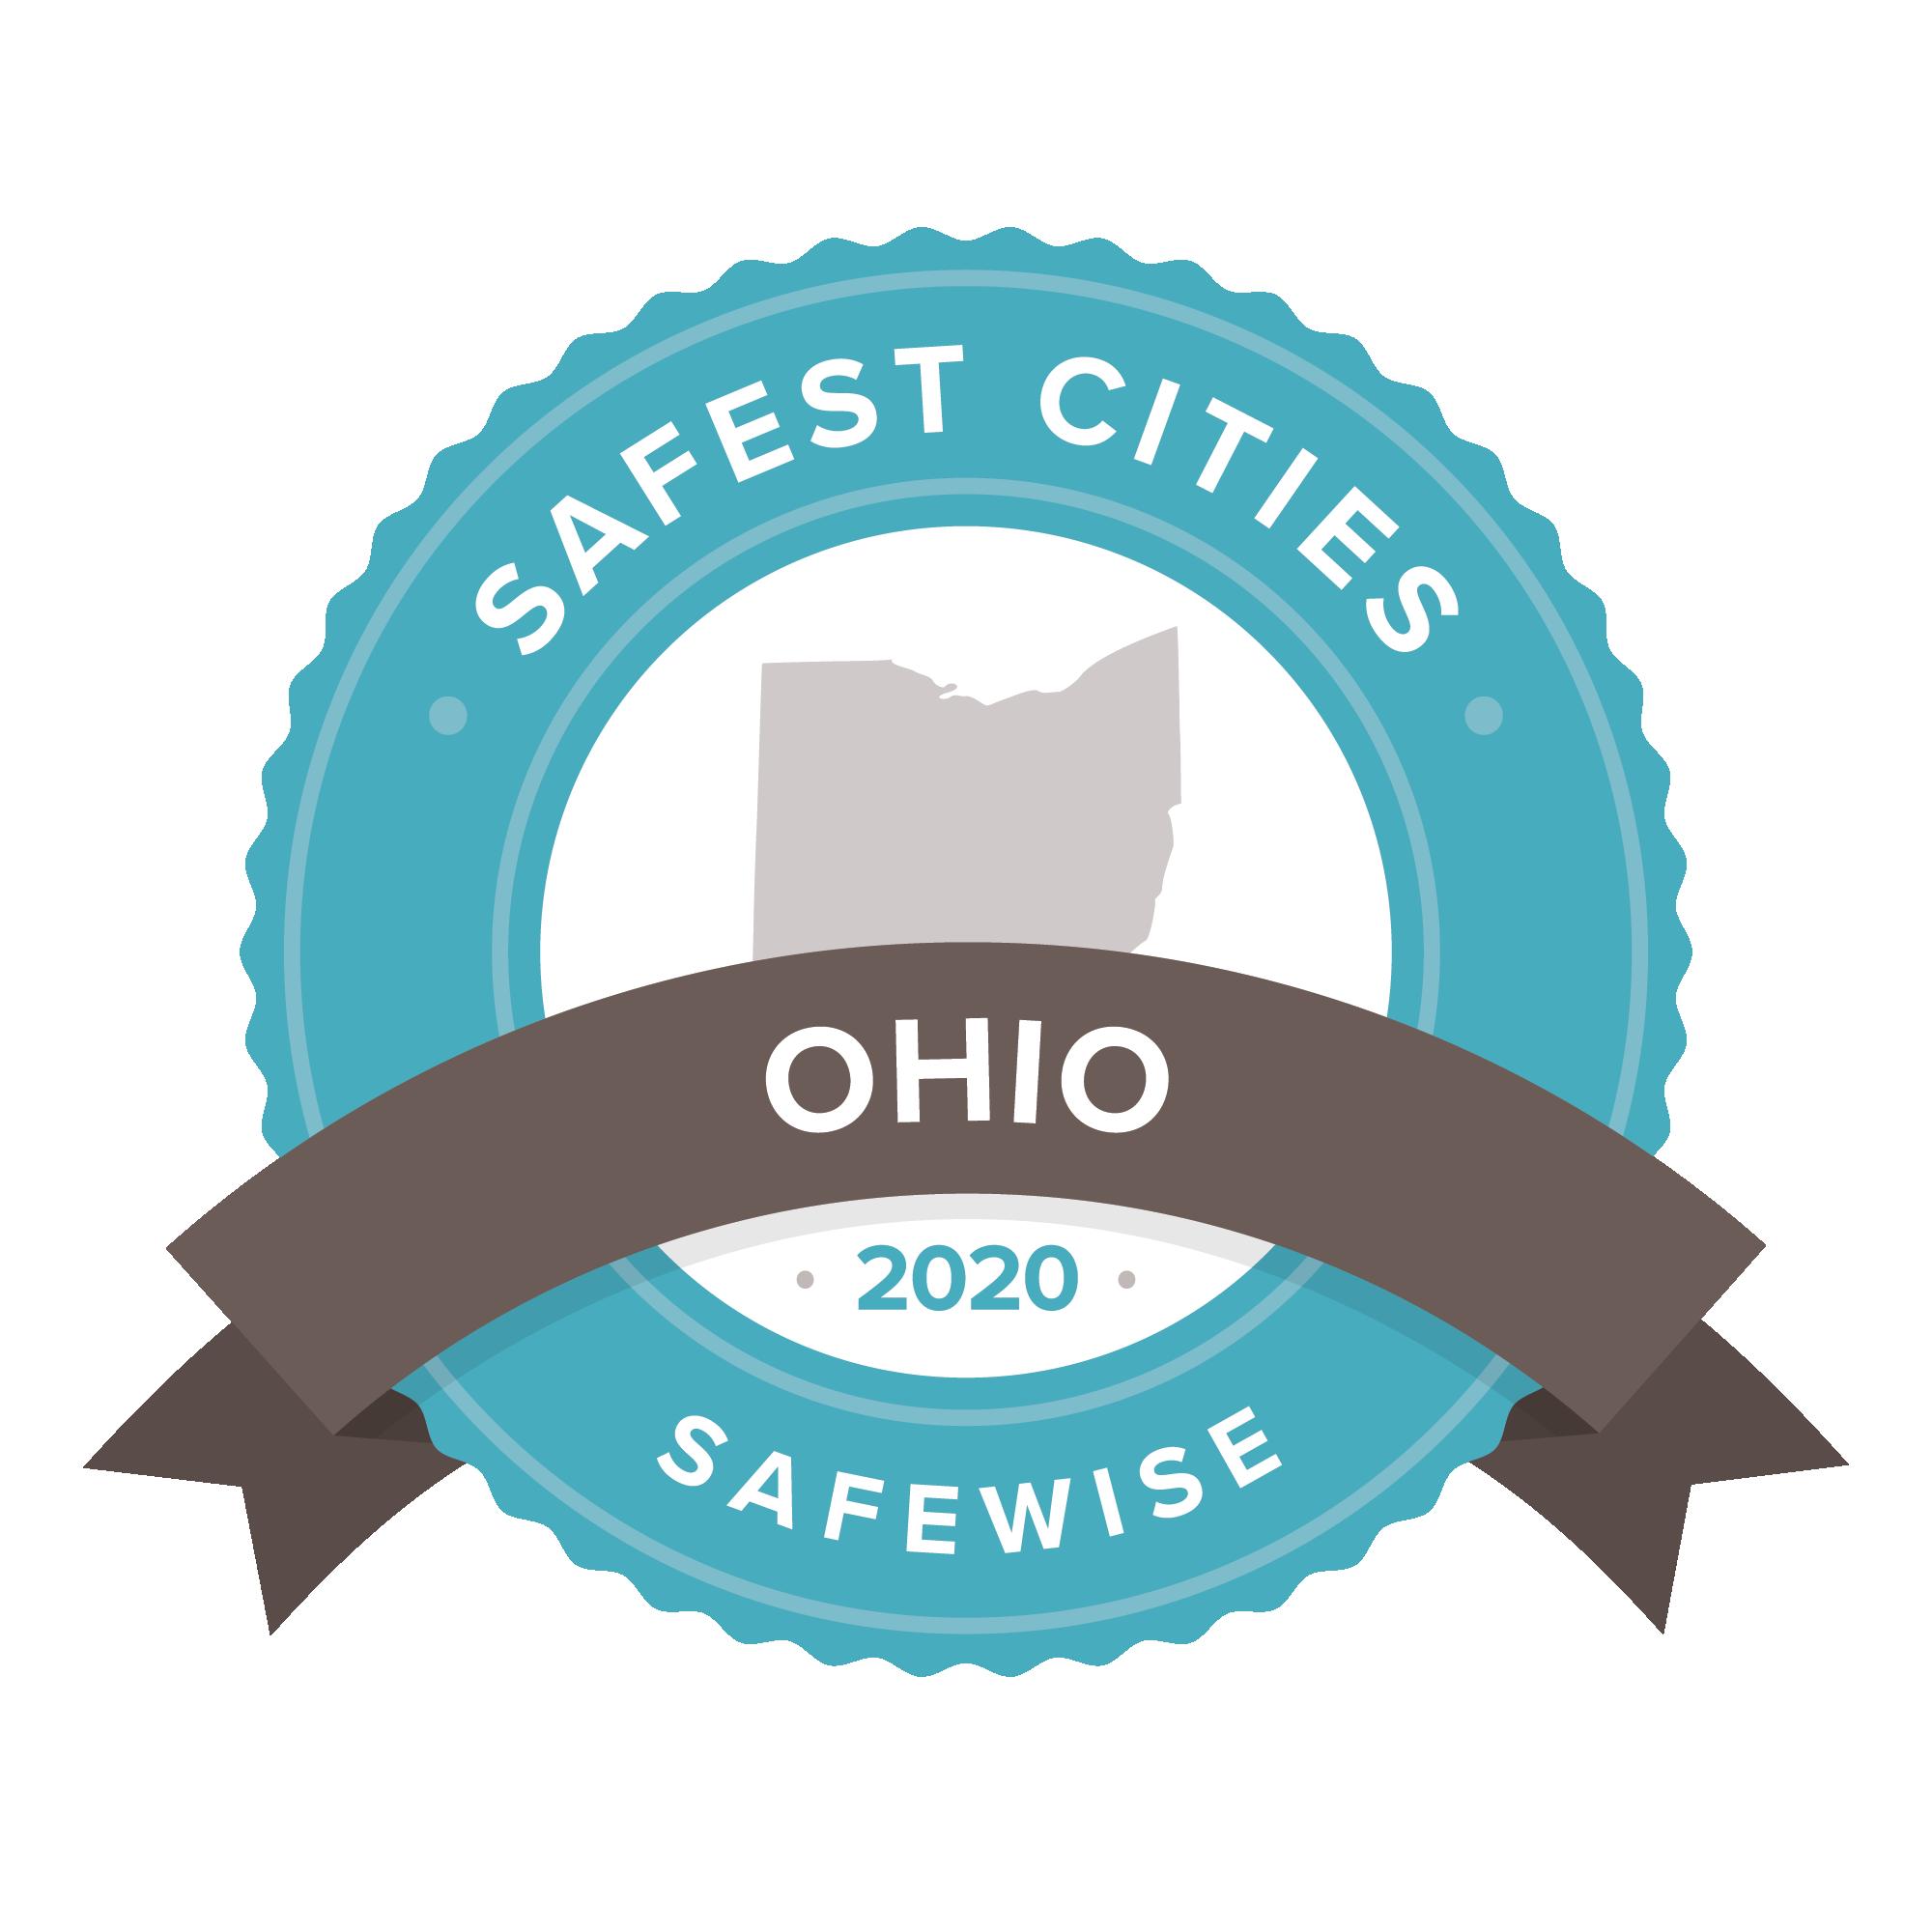 Ohio safest cities badge